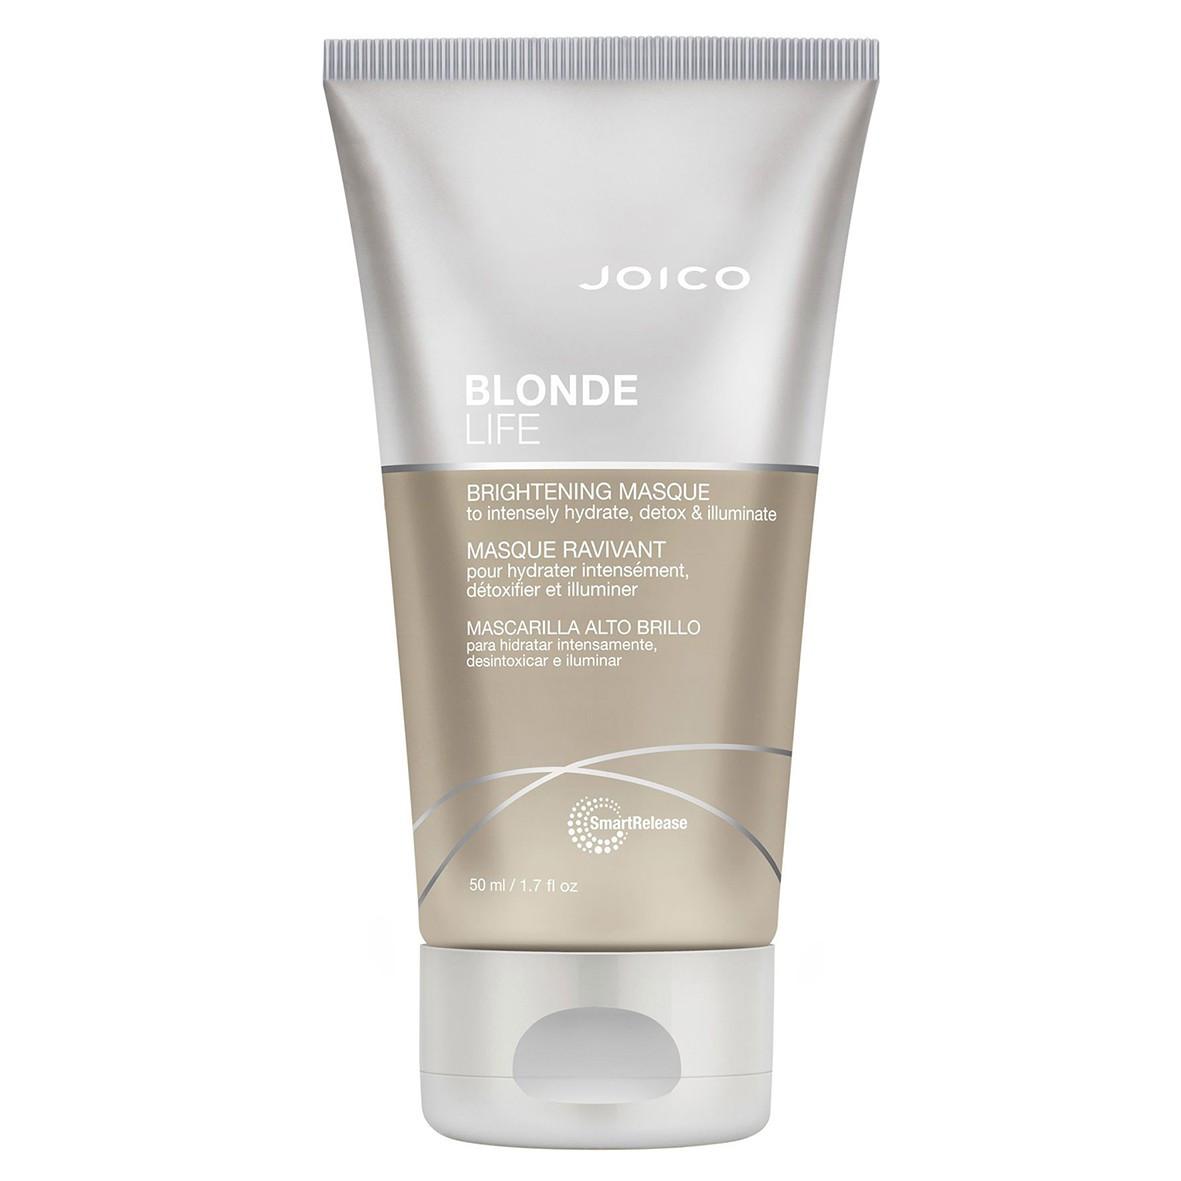 Маска для сохранения яркости блонда Joico Blonde Life Brightening Mask 50 мл